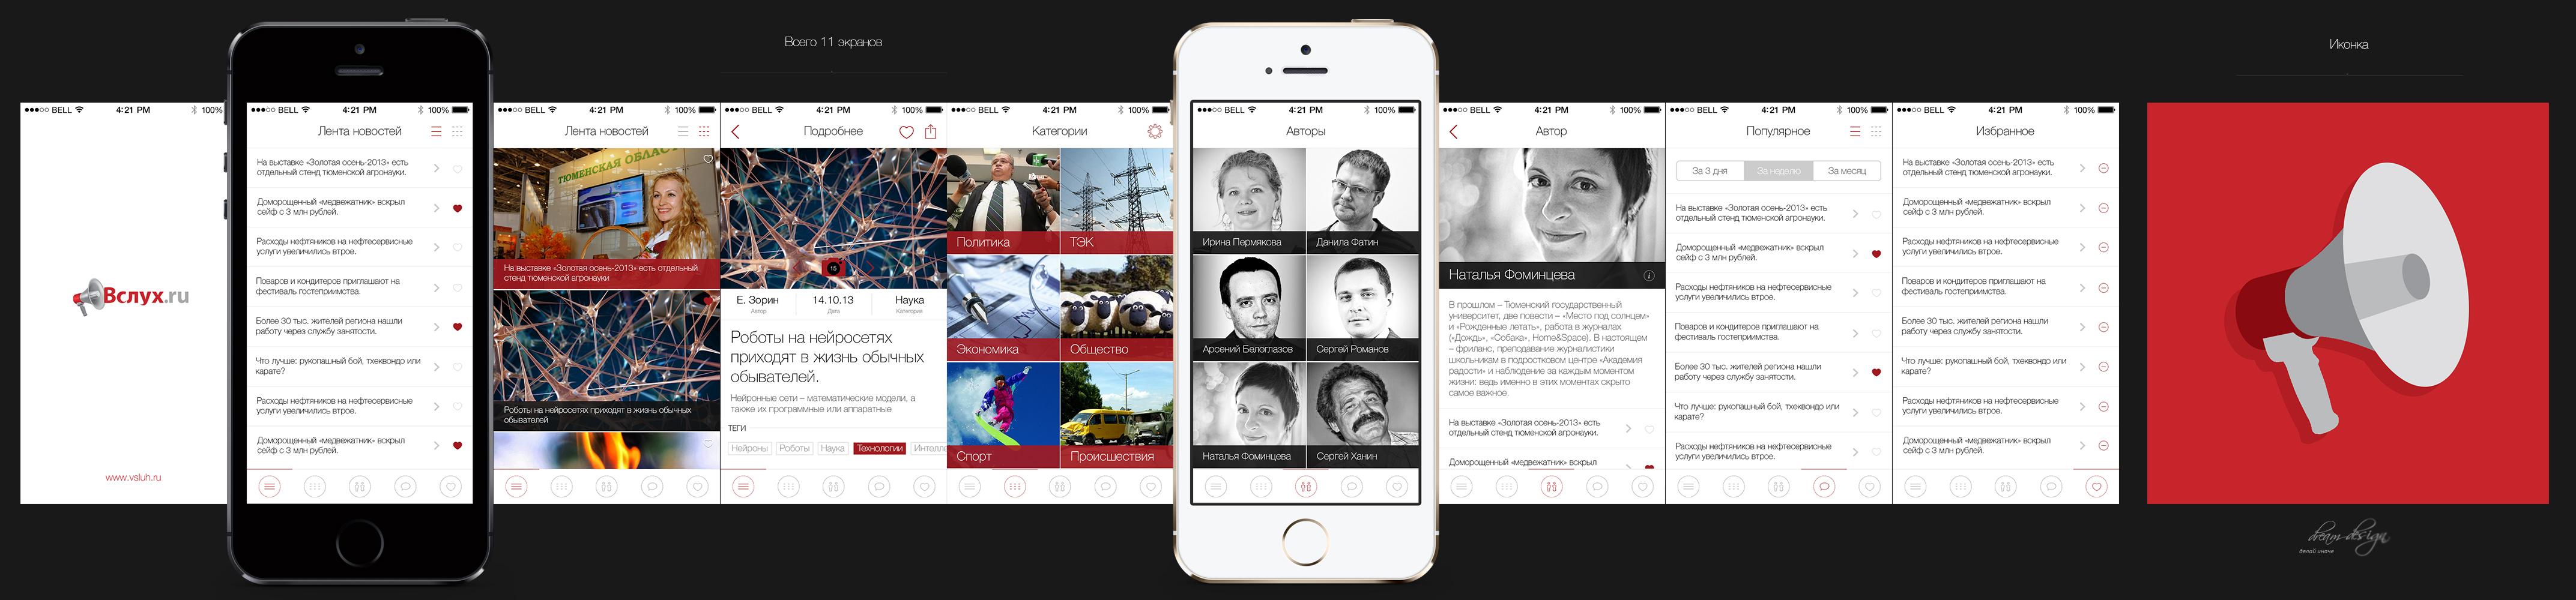 Мобильное приложение: Вслух.ру v.3.0